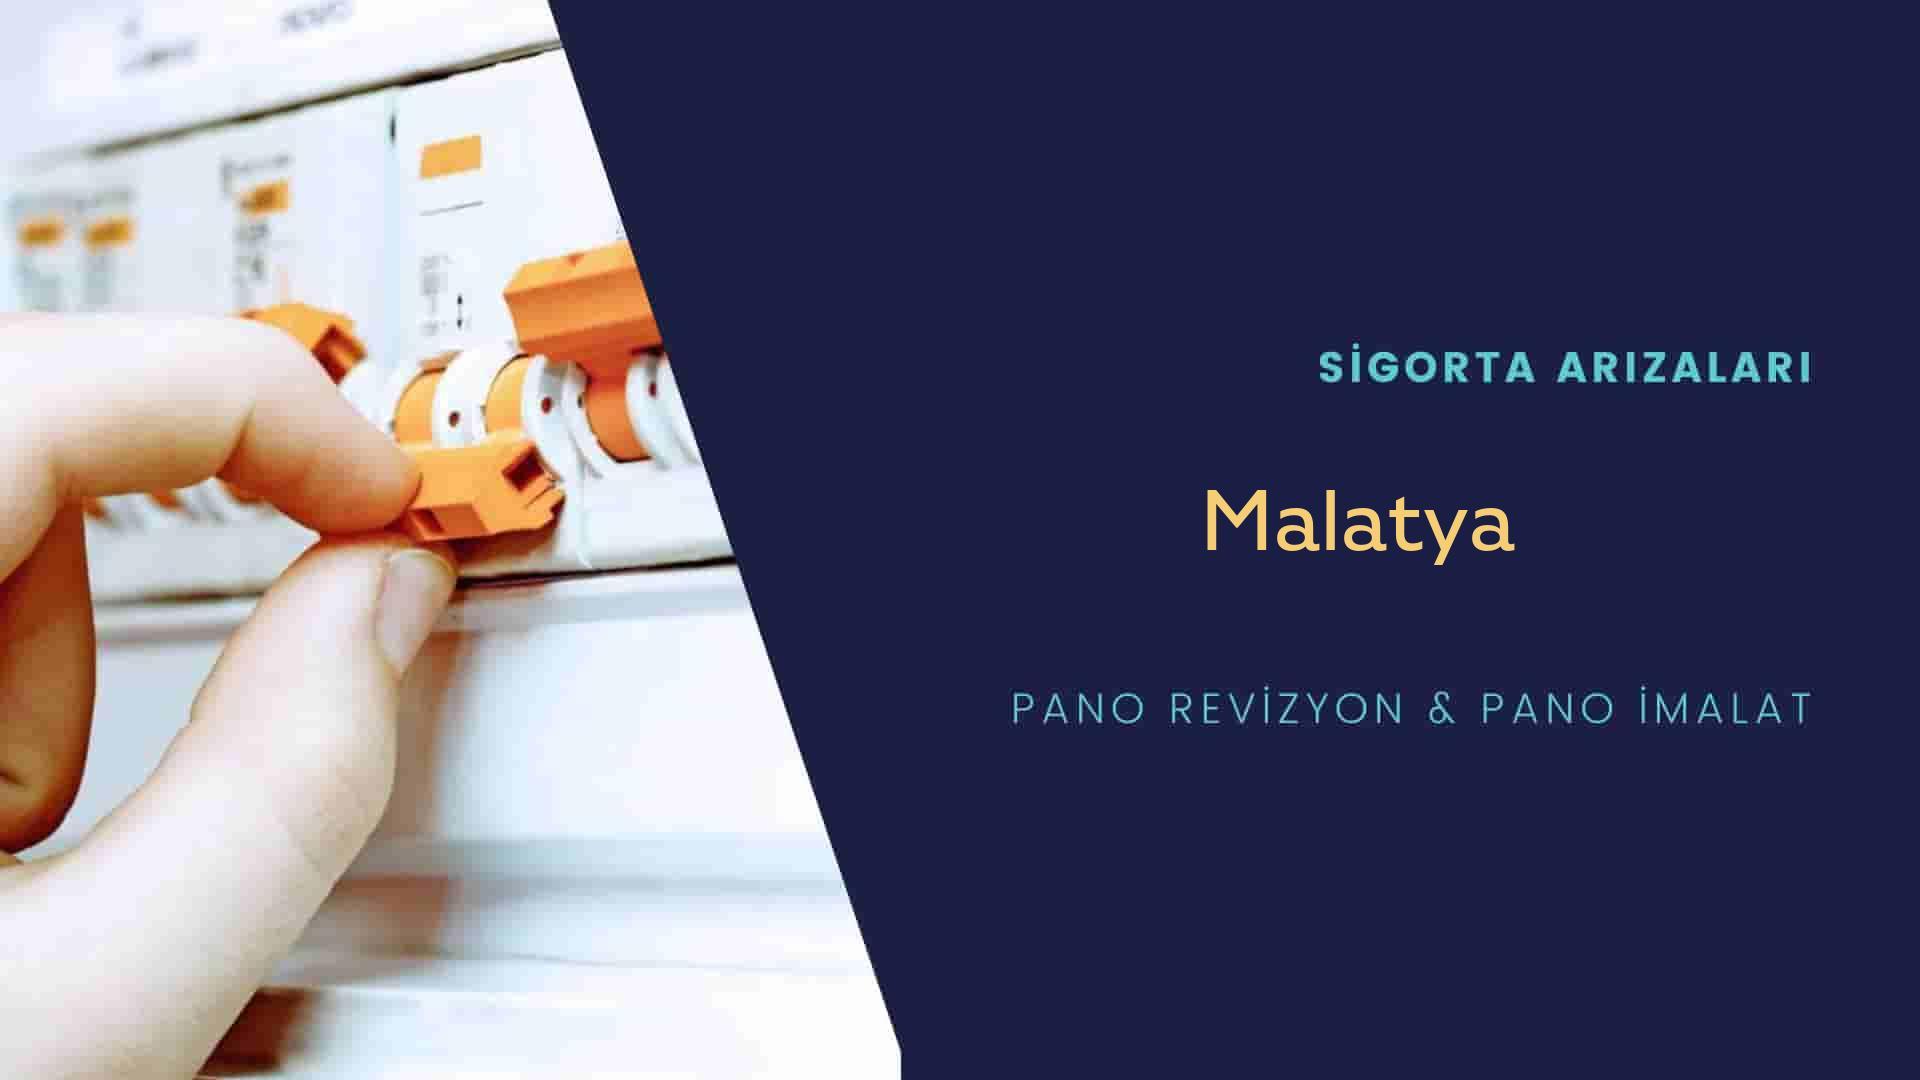 Malatya Sigorta Arızaları İçin Profesyonel Elektrikçi ustalarımızı dilediğiniz zaman arayabilir talepte bulunabilirsiniz.